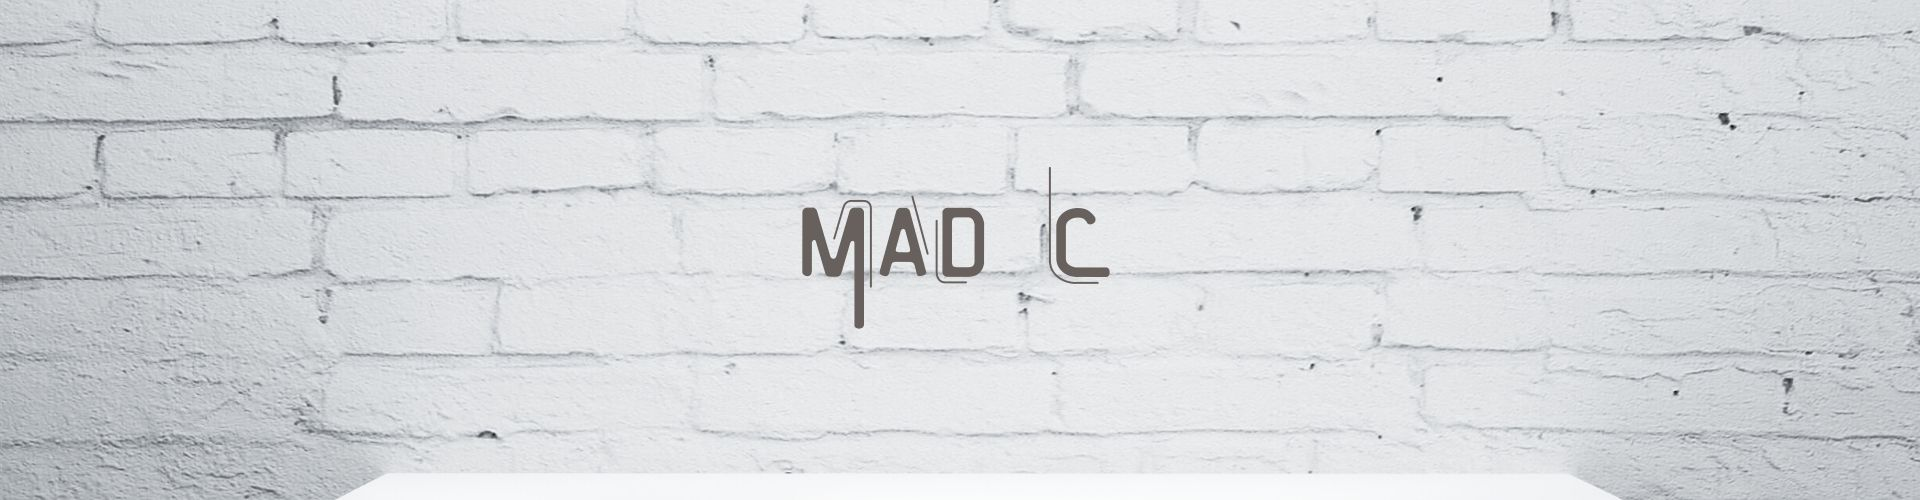 Mad C : Artiste du street Art en vente sur la galerie d'art en ligne SAO